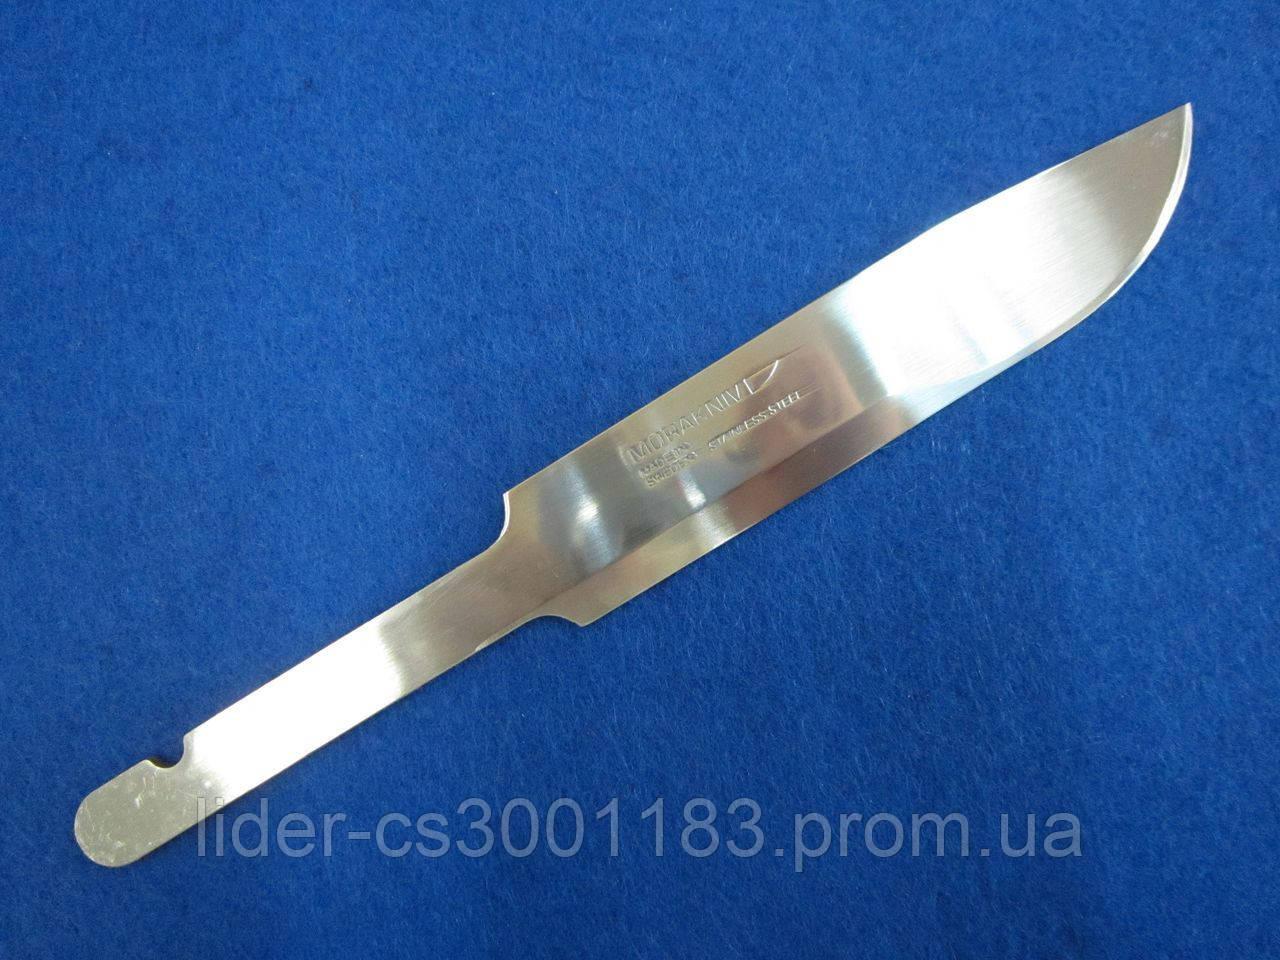 Клинок Mora 2000 (191-250062)